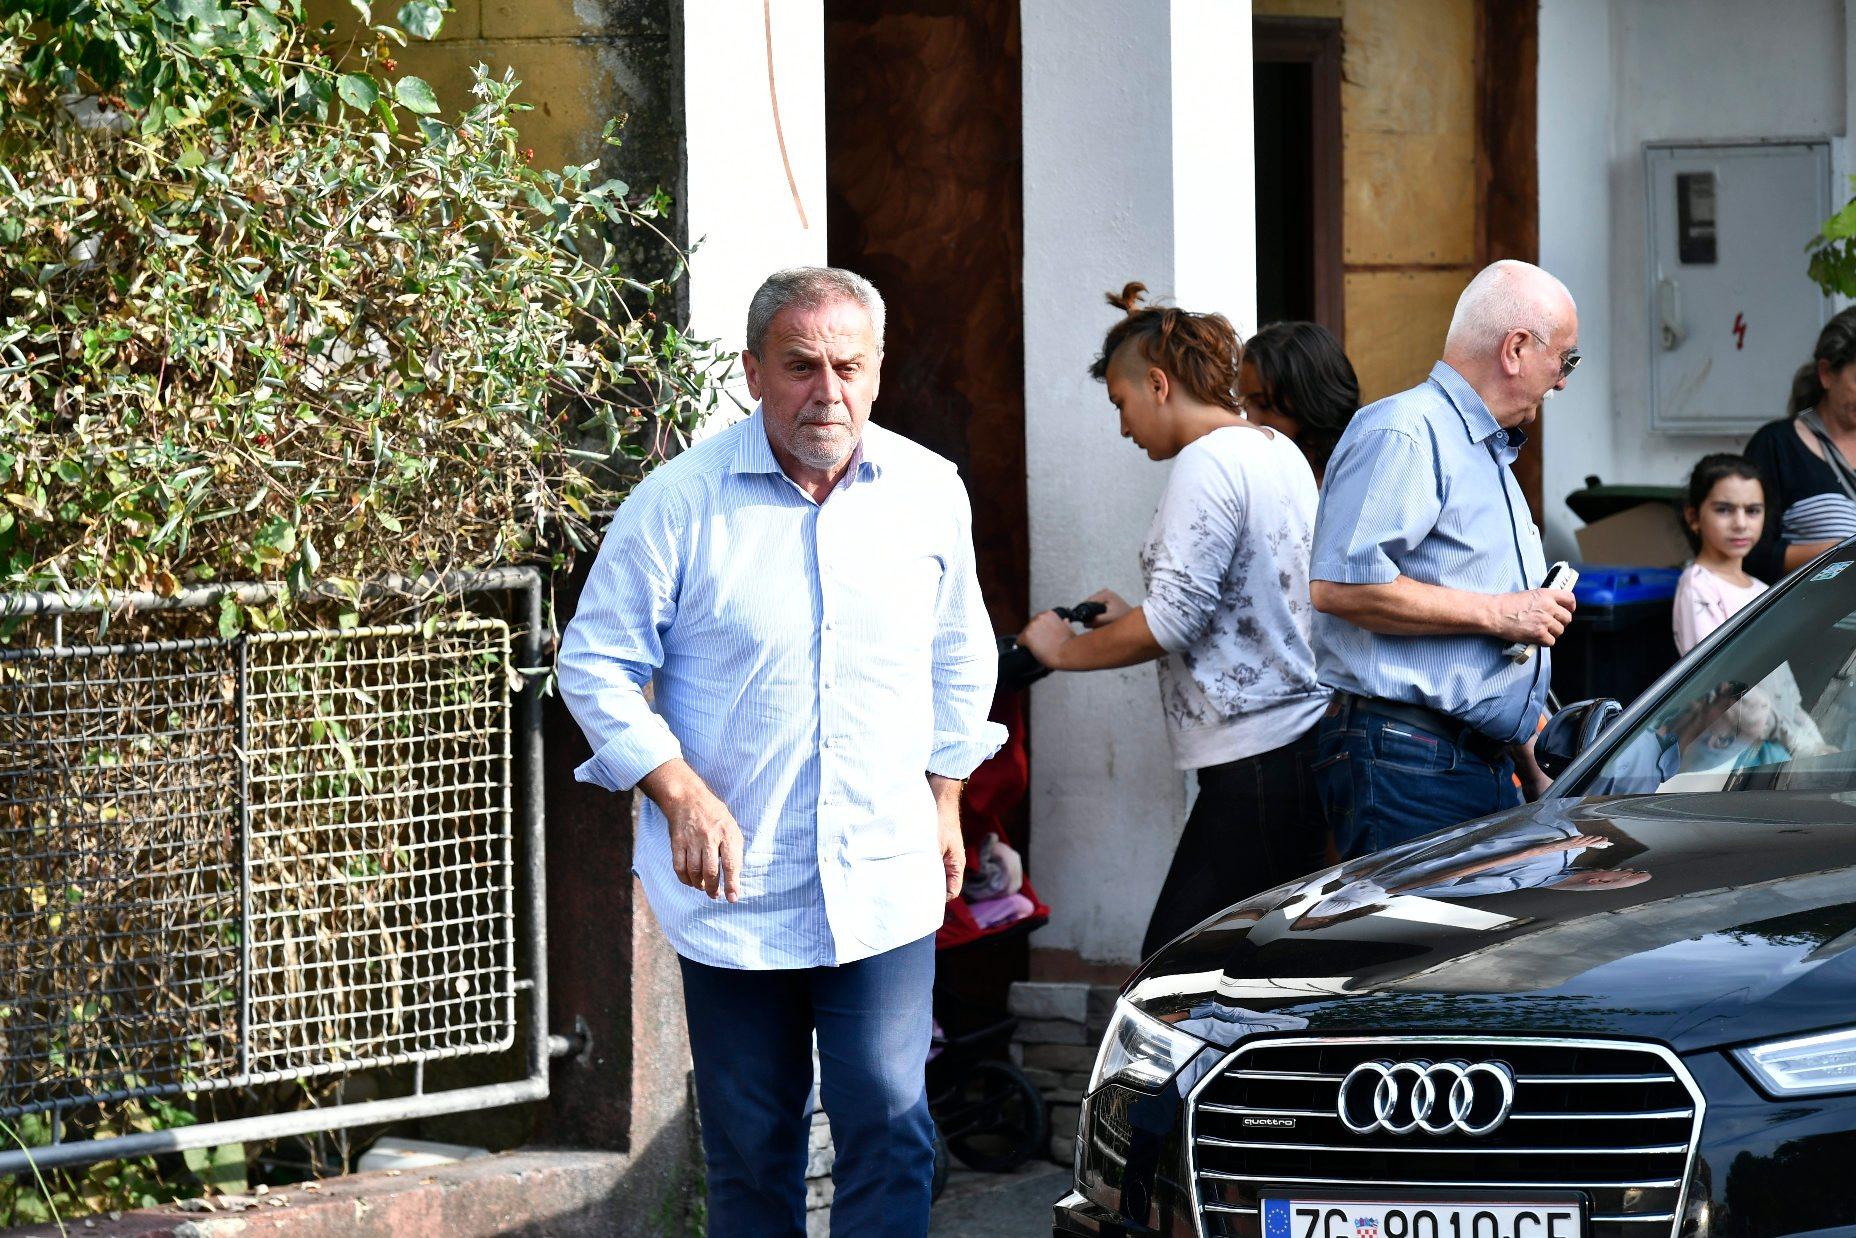 Zagrebački gradonačelnik Milan Bandić došao je među roditelje koji prosvjeduju